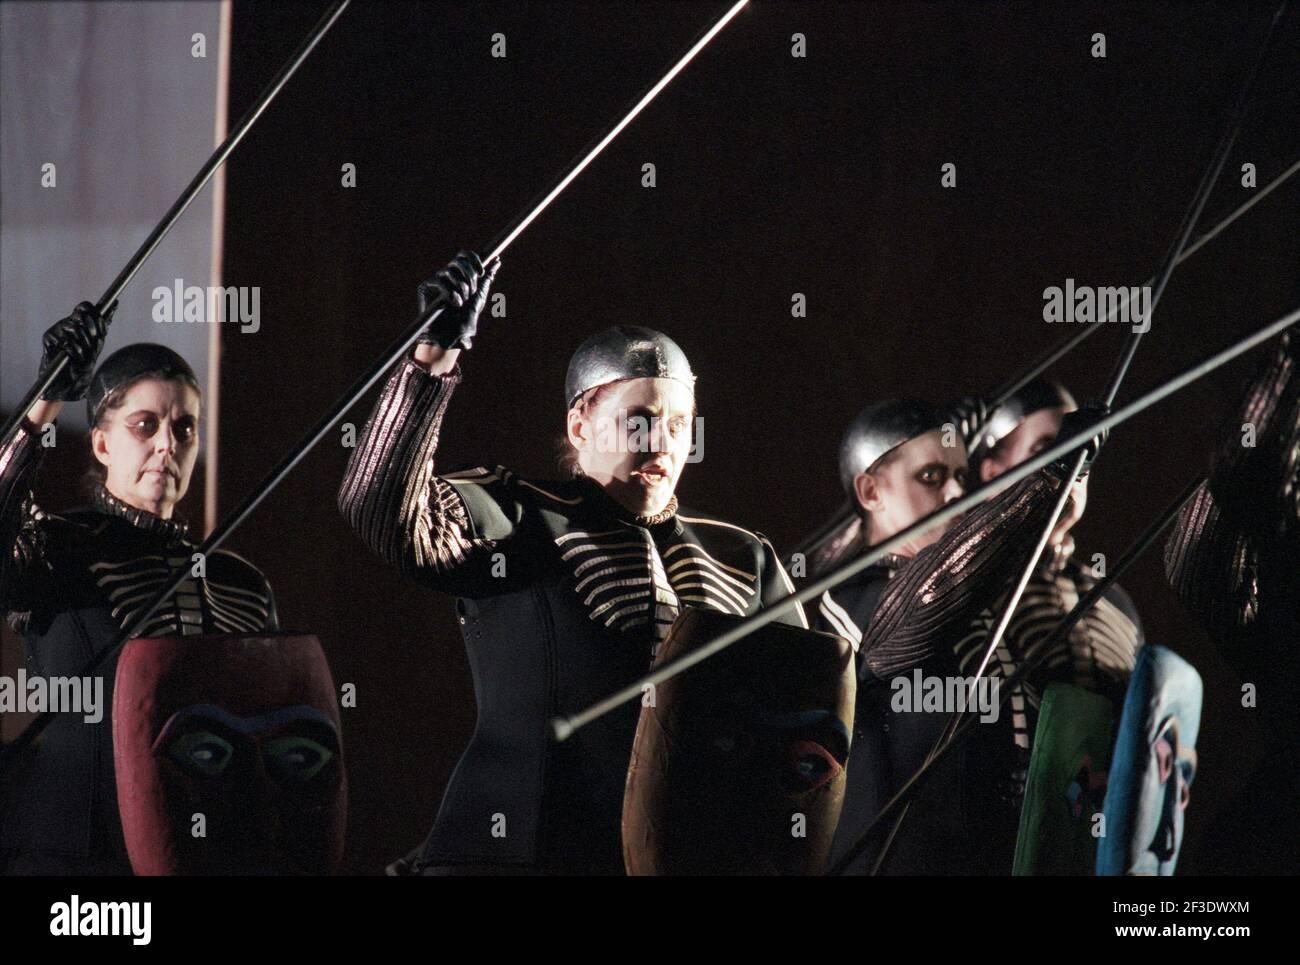 Valkyrie in DIE tour du tour par Wagner à l'Opéra Royal, Covent Garden, Londres WC2 30/09/1996 chef d'orchestre: Bernard Haitink design: Nigel Lowery éclairage: Pat Collins directeur: Richard Jones Banque D'Images